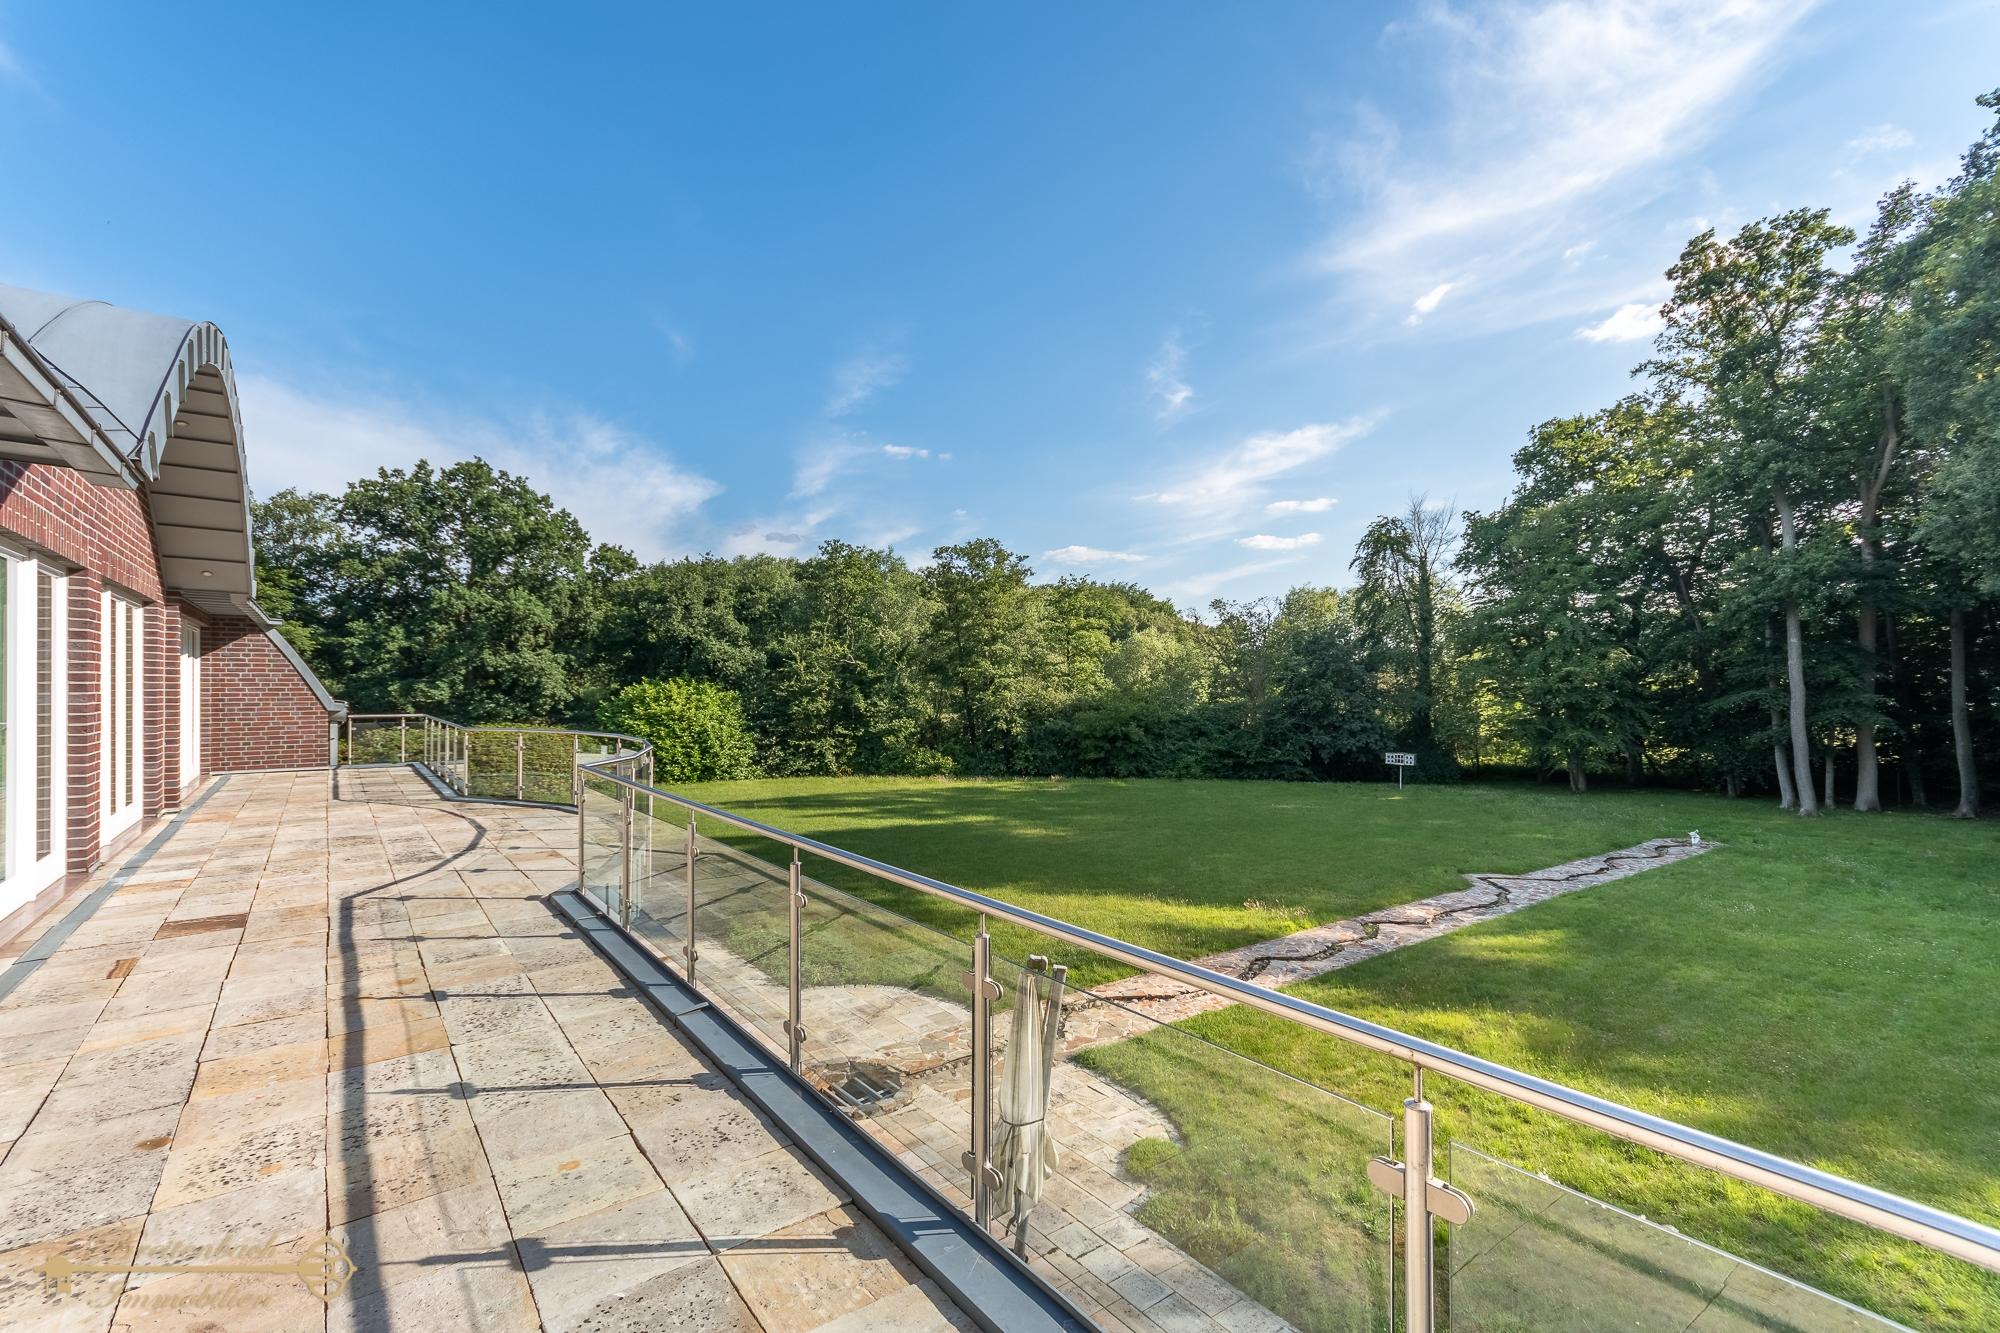 2020-06-24-Breitenbach-Immobilien-17